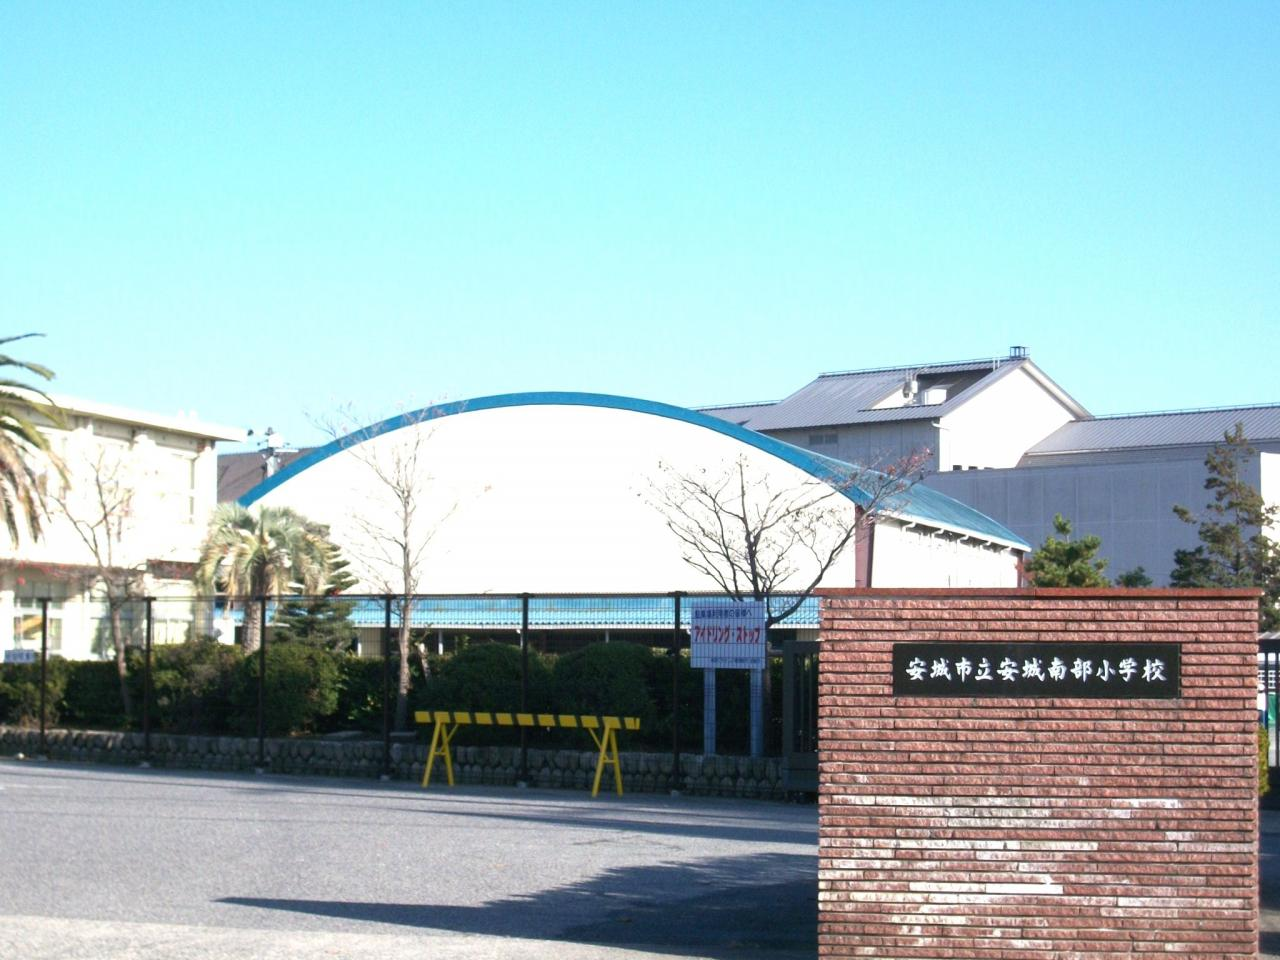 安城市立安城南部小学校